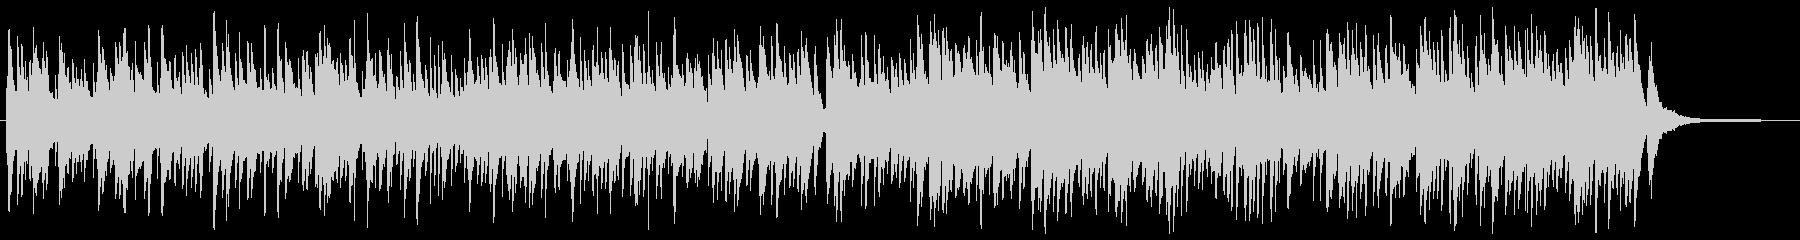 ゆったり・癒やしのケルトハープBGMの未再生の波形